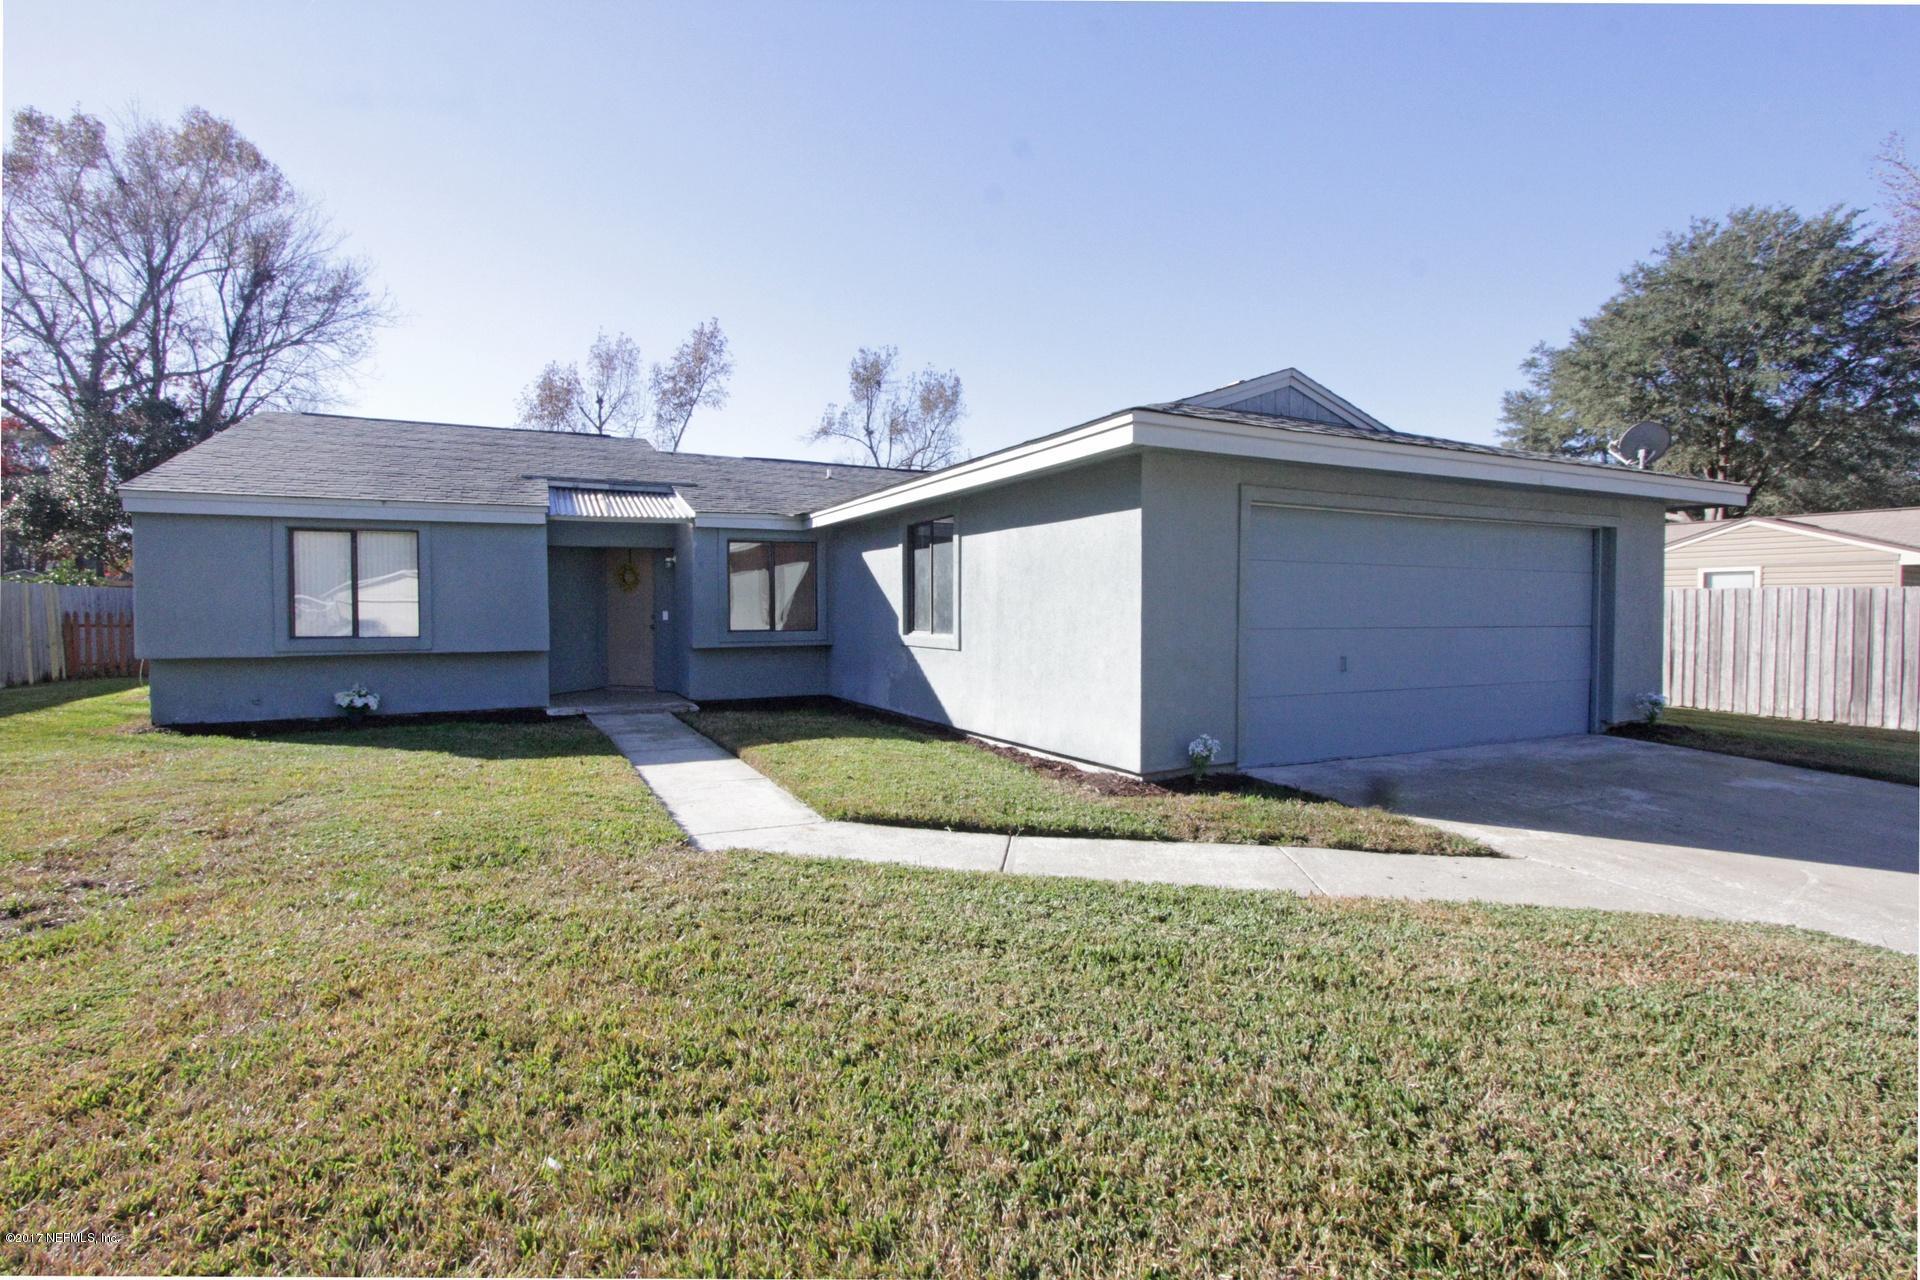 1295 BEAR RUN BLVD, ORANGE PARK, FL 32065